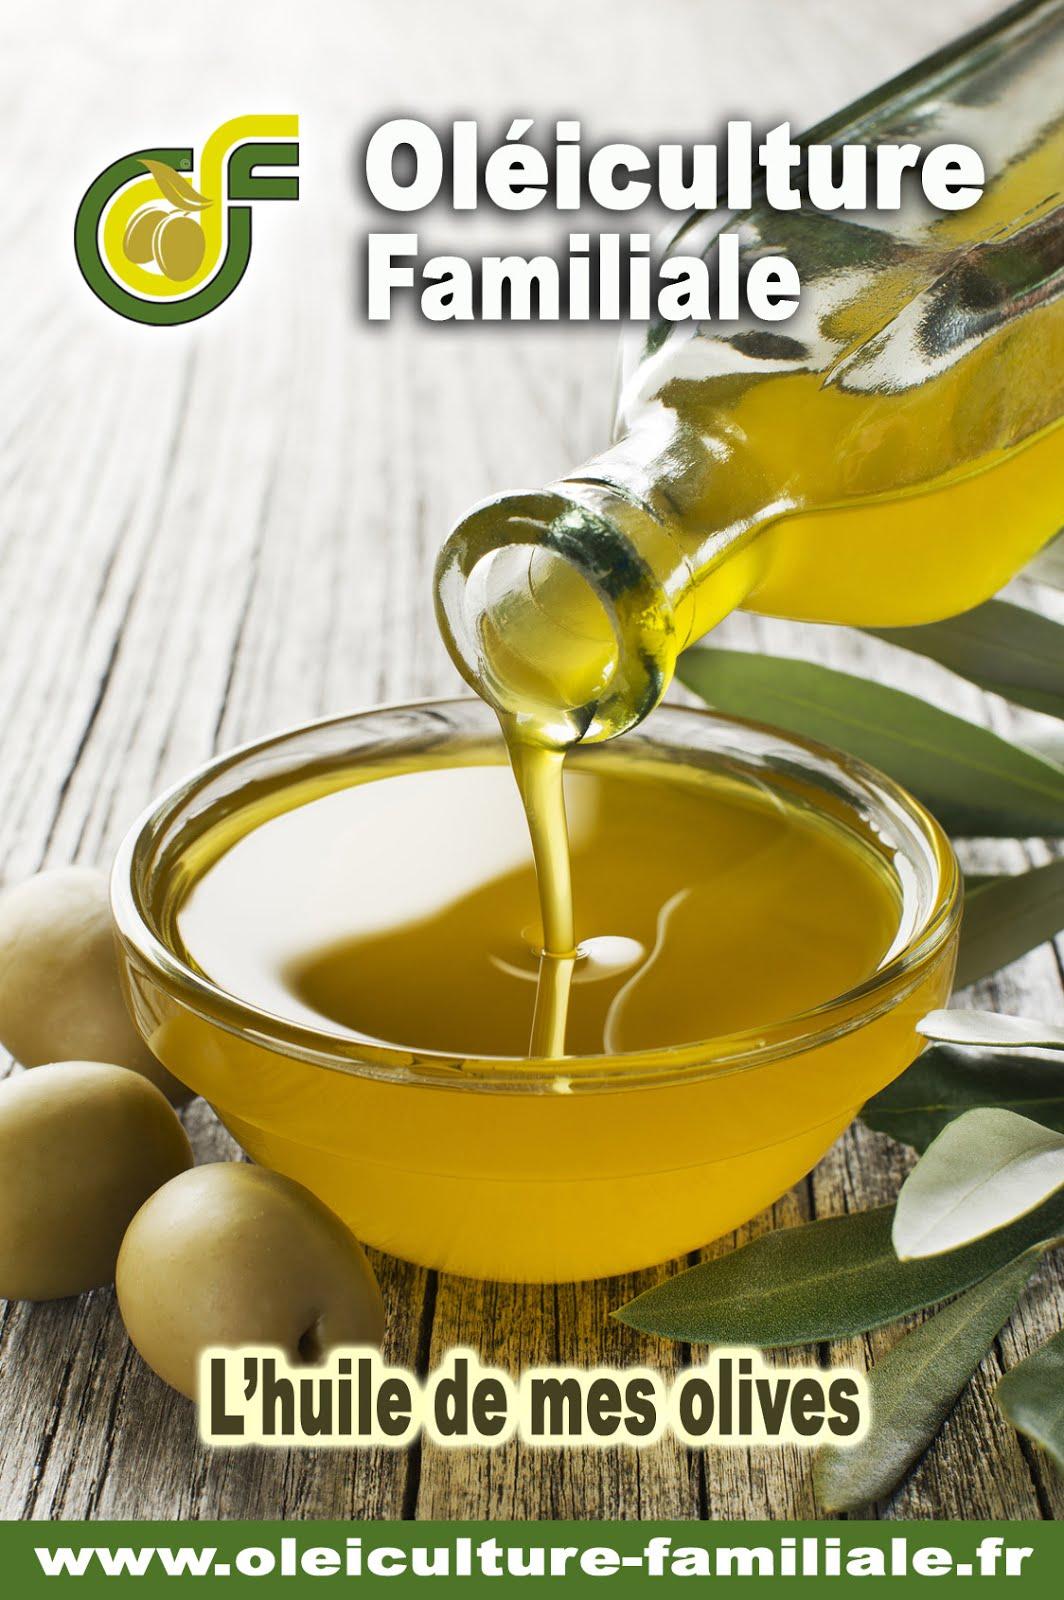 Comment obtenir l'huile de mes olives ?